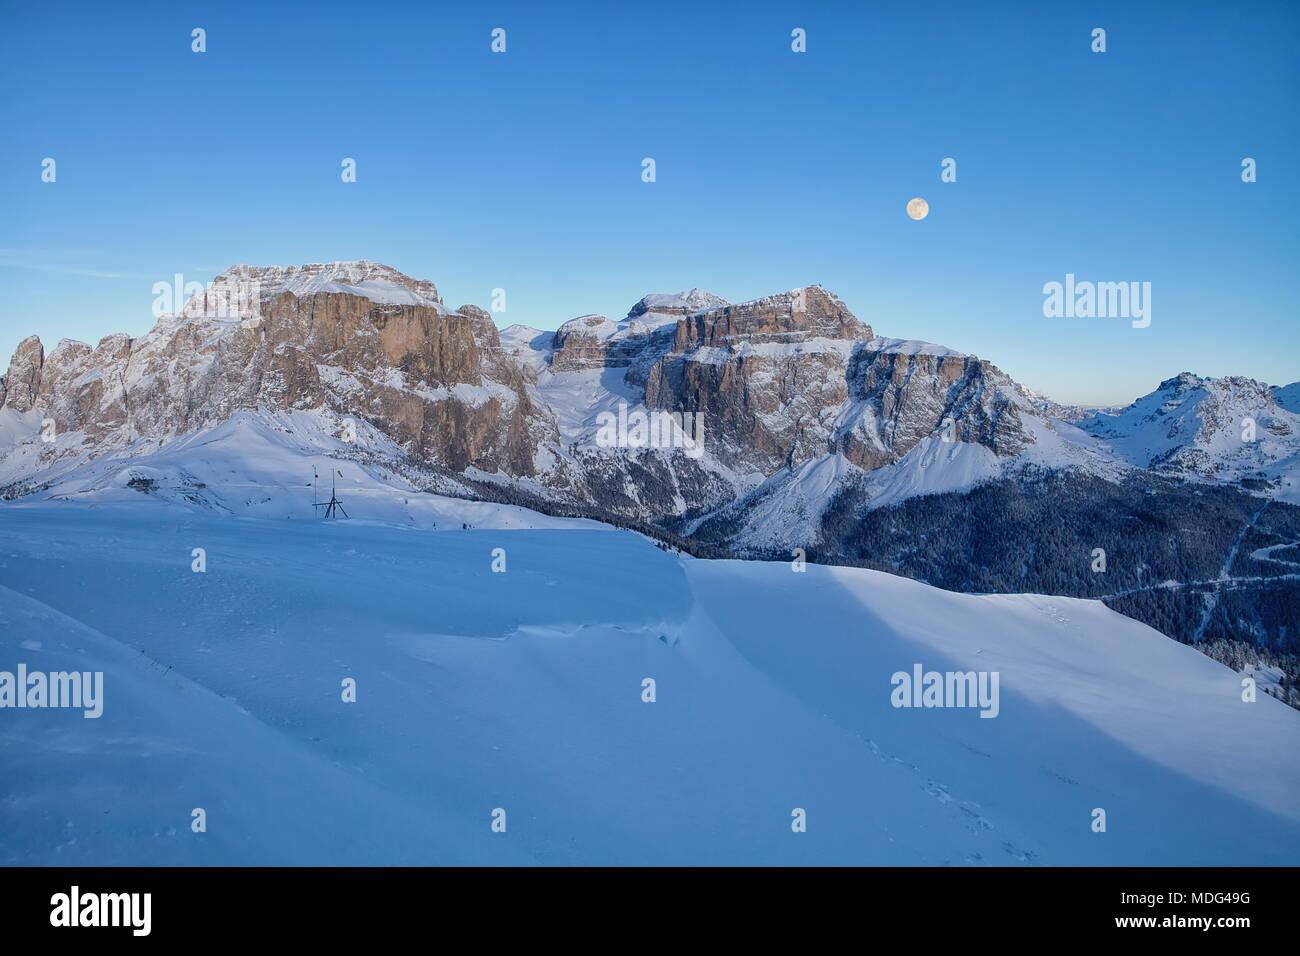 Vista panoramica della Val di Fassa ski resort in Italia, Dolomiti, Trentino-Alto-Adige, Italia Immagini Stock